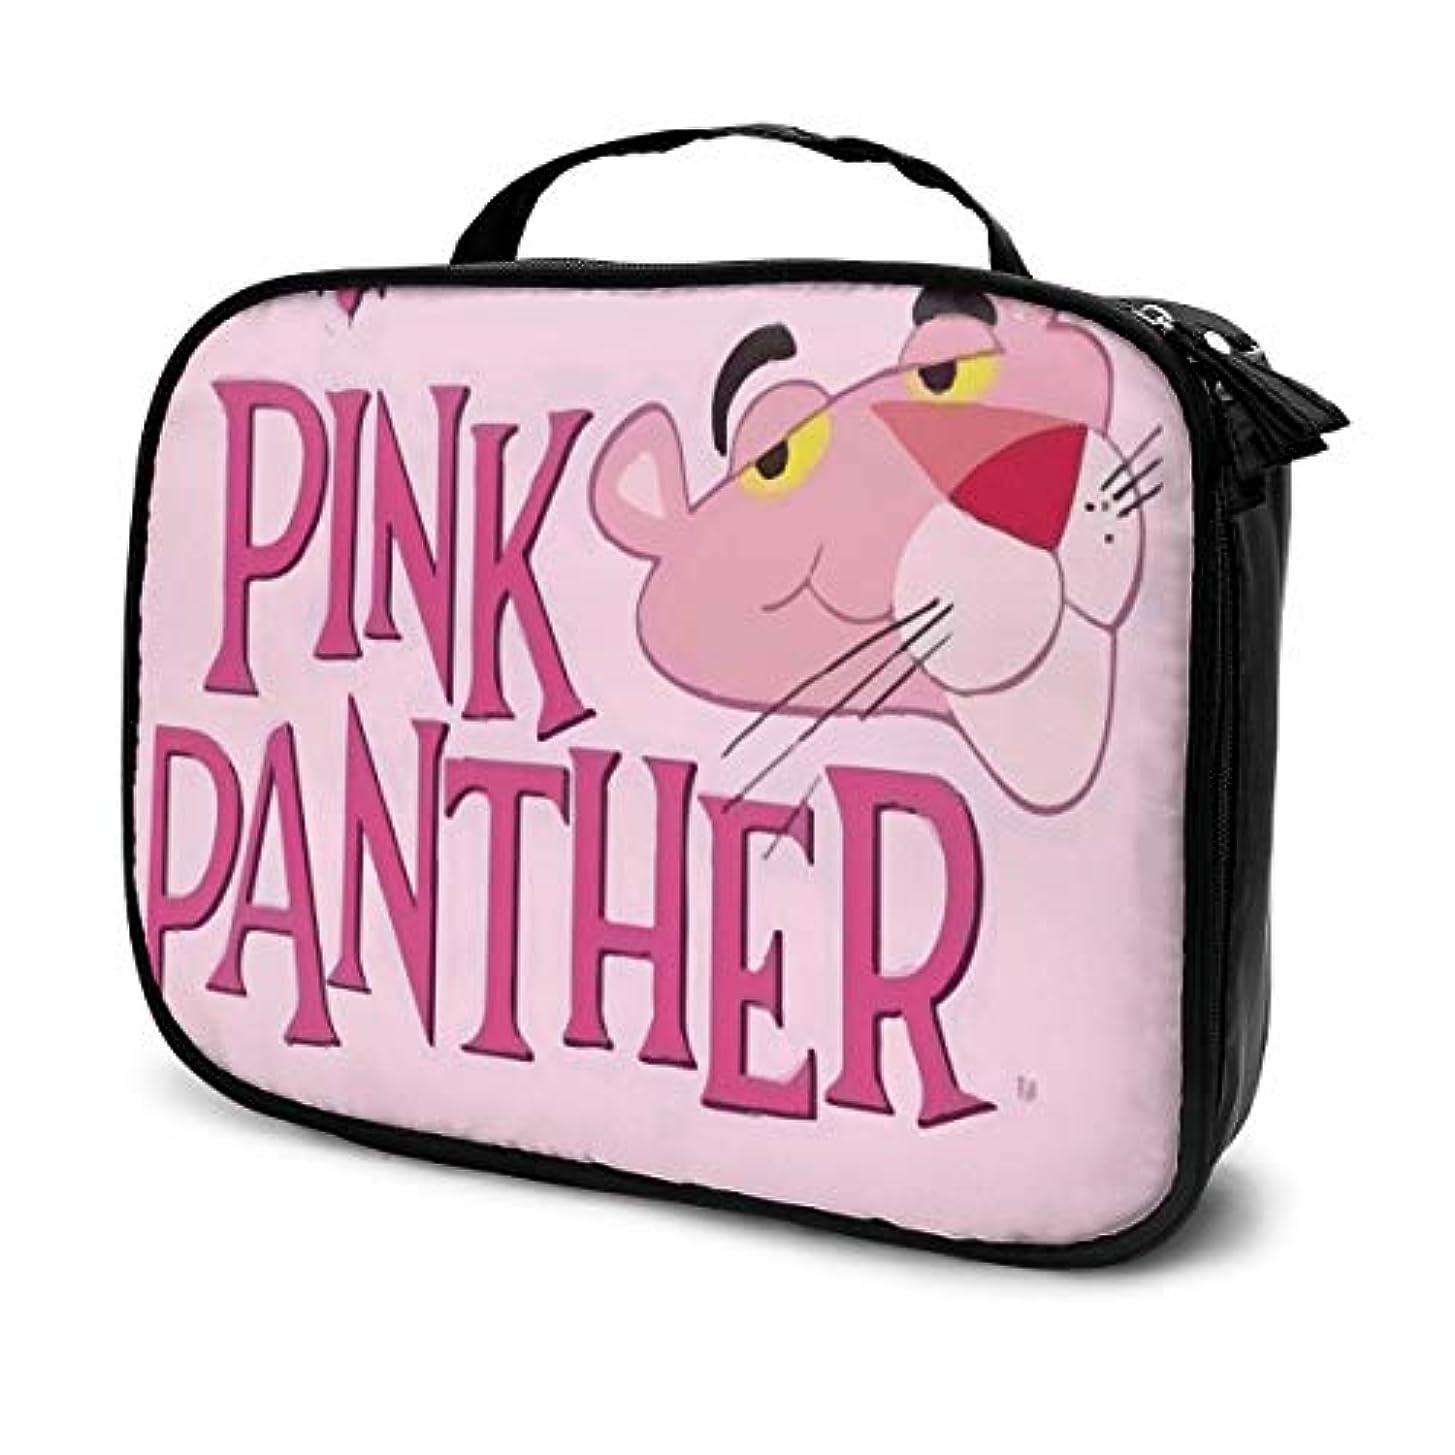 話すシルク乱暴なピンクパンサー 化粧ポーチ 大容量 コンパクト収納 旅行で持ち運びが簡単 おしゃれ 人気